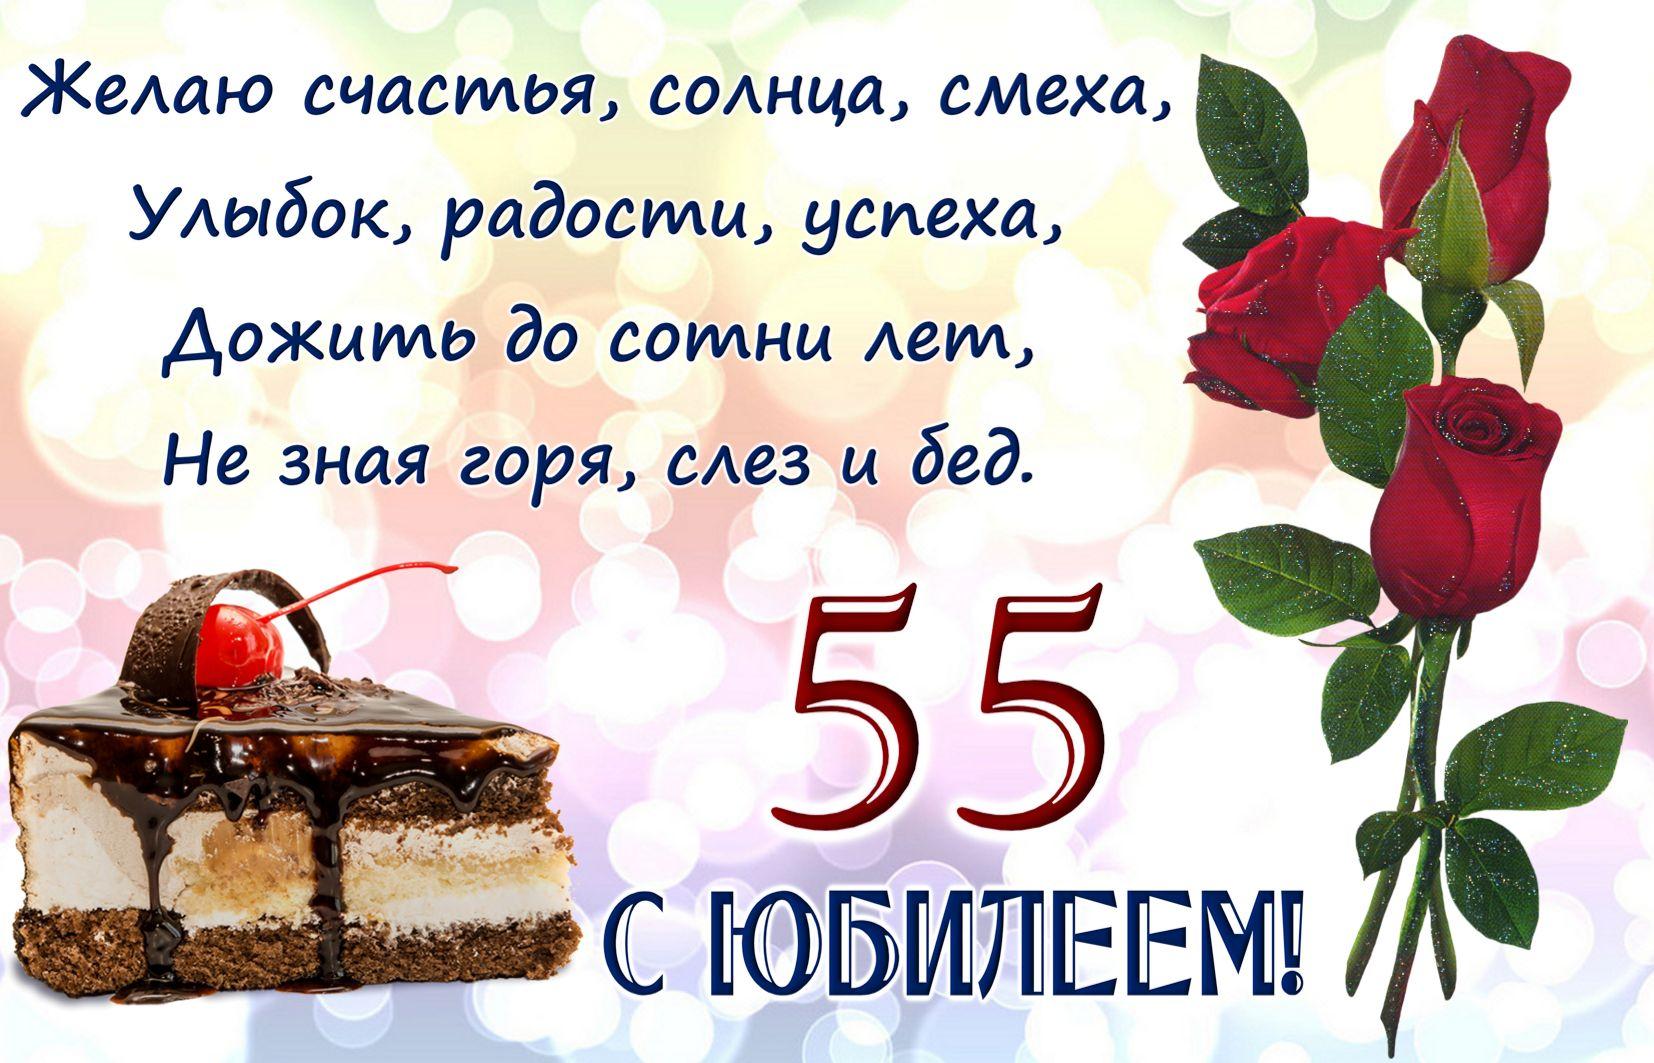 Открытка на 55 лет - торт с вишенкой и роза к юбилею